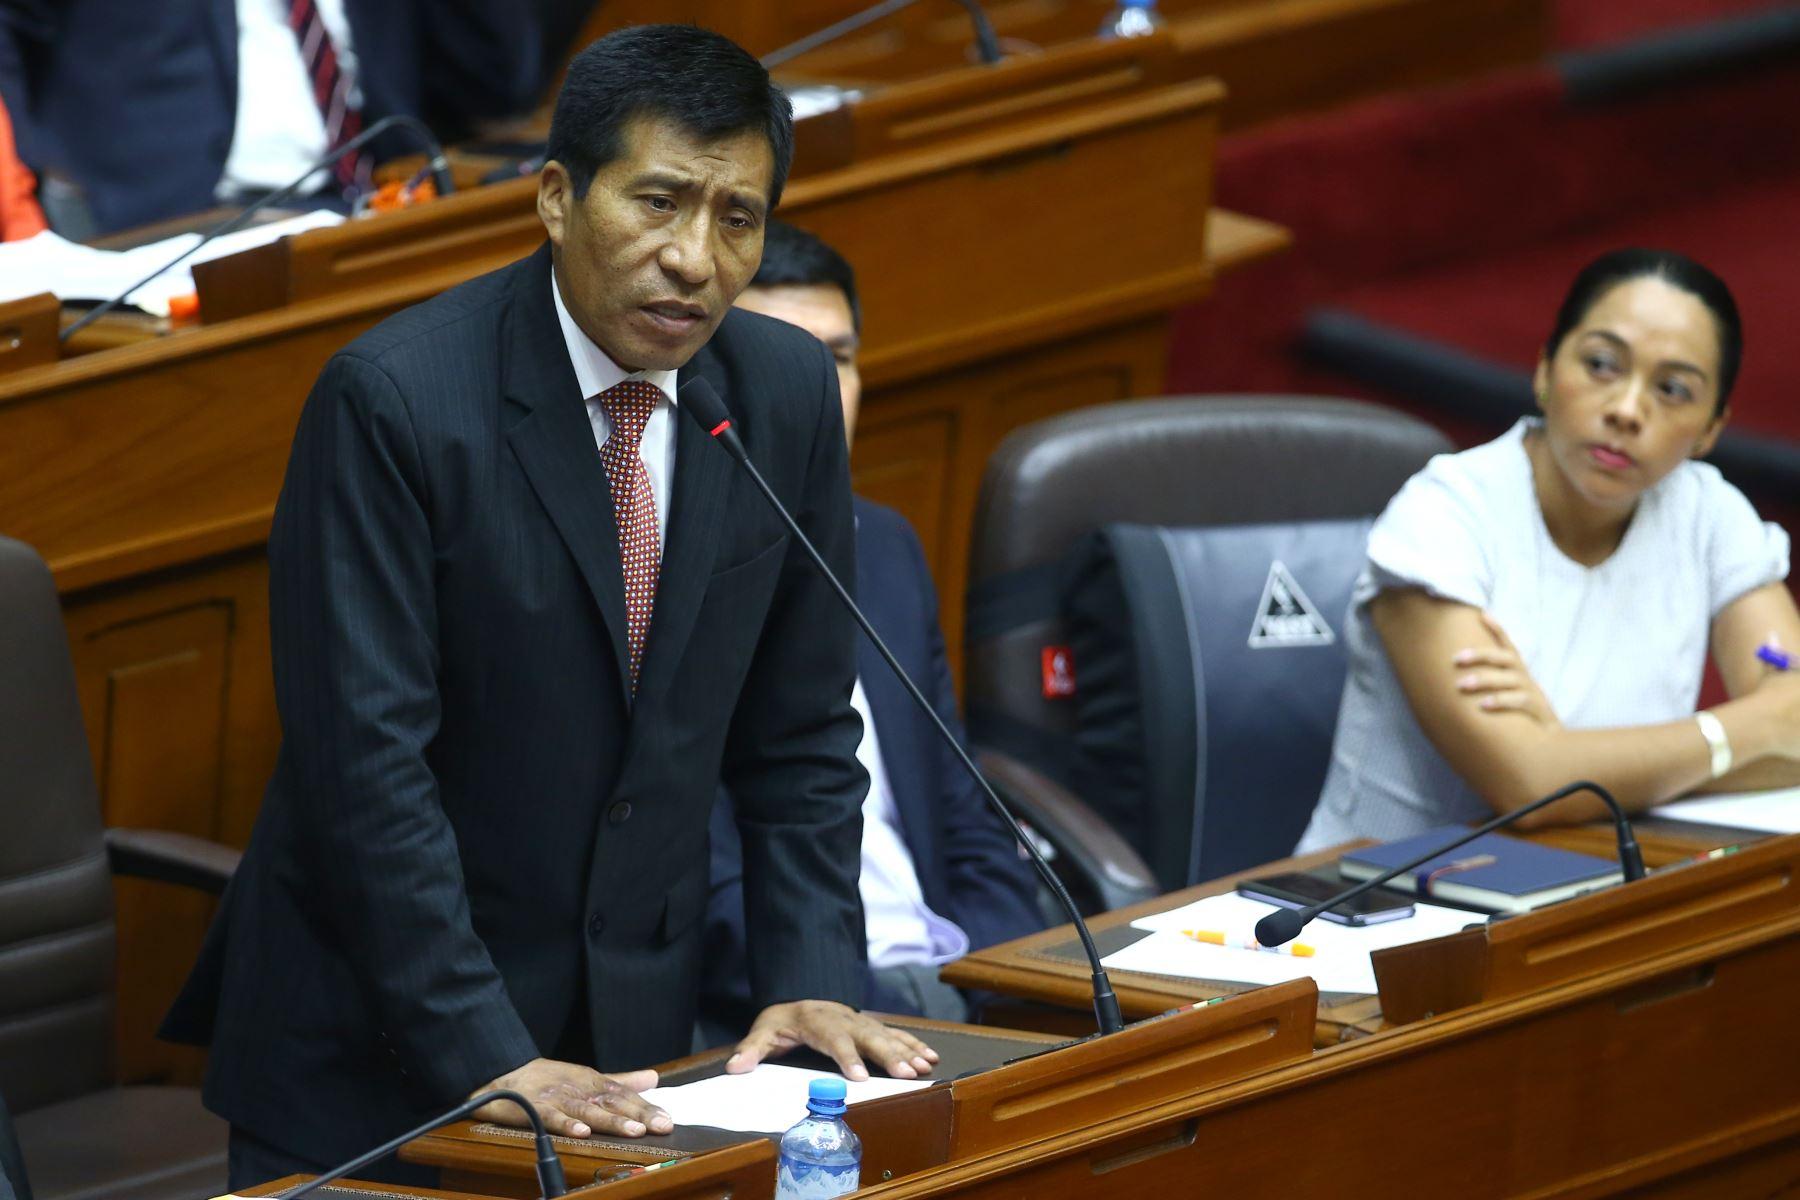 Moisés Mamani durante su participación en el debate a la aceptación de la carta de renuncia del Presidente Kuczynski. Foto: ANDINA/Melina Mejía